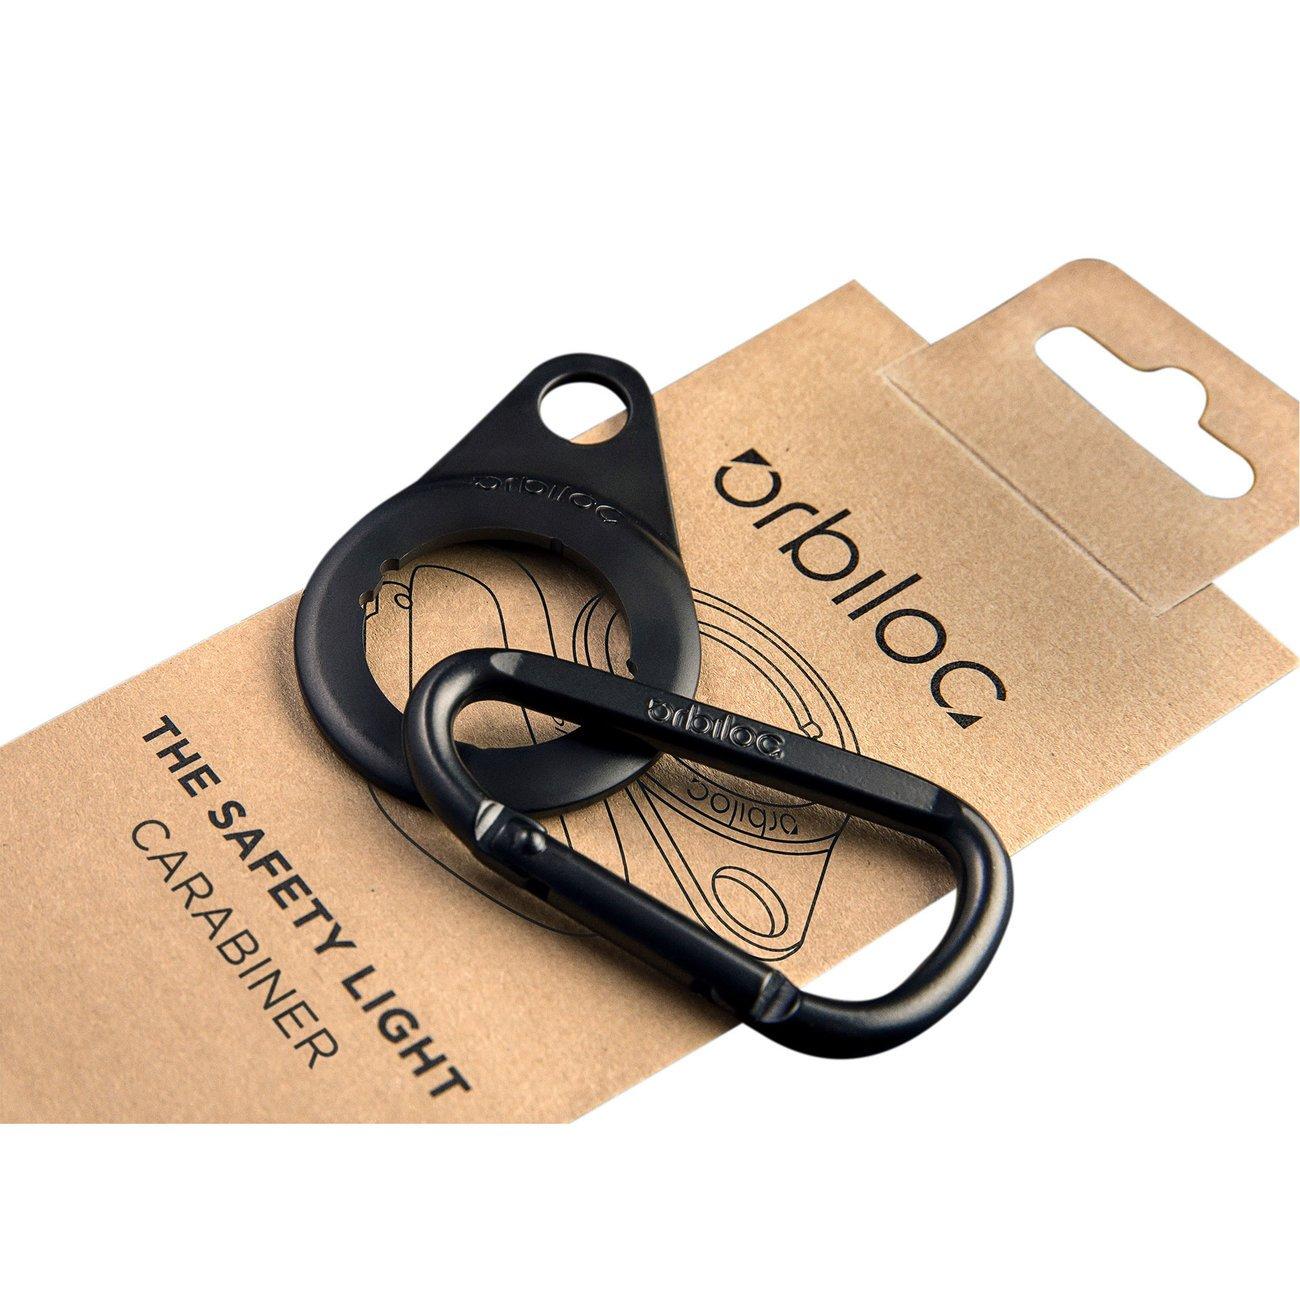 Orbiloc Safety Light Ersatzteile und Zubehör, Bild 6